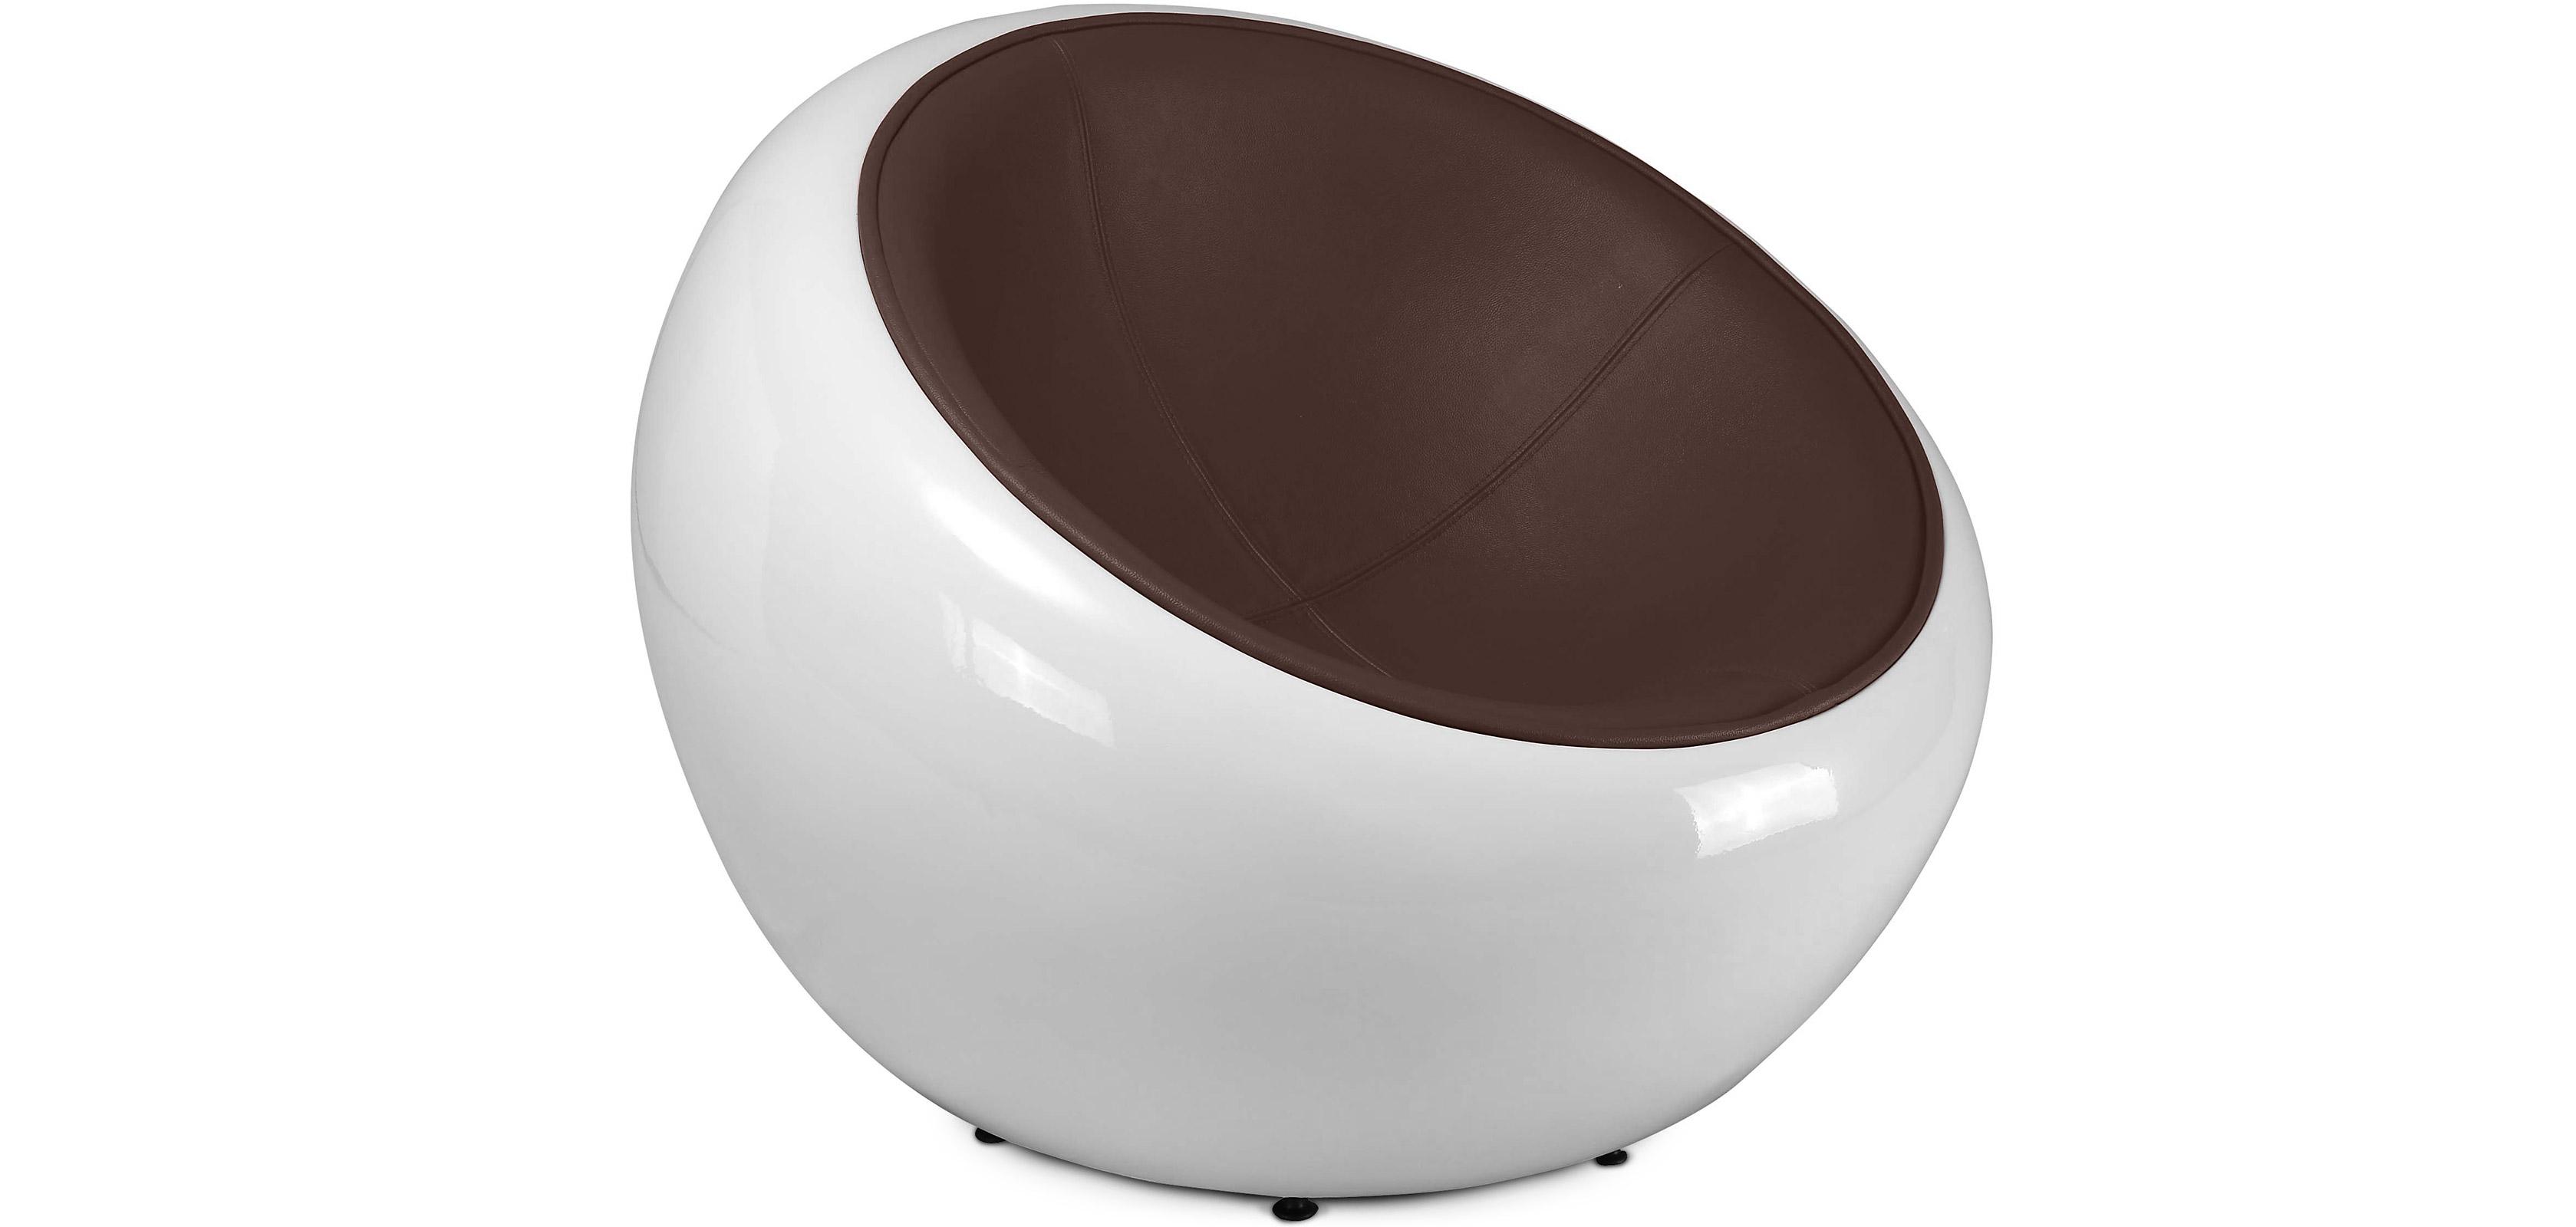 egg pod ball sessel eero aarnio hochwertiges leder. Black Bedroom Furniture Sets. Home Design Ideas